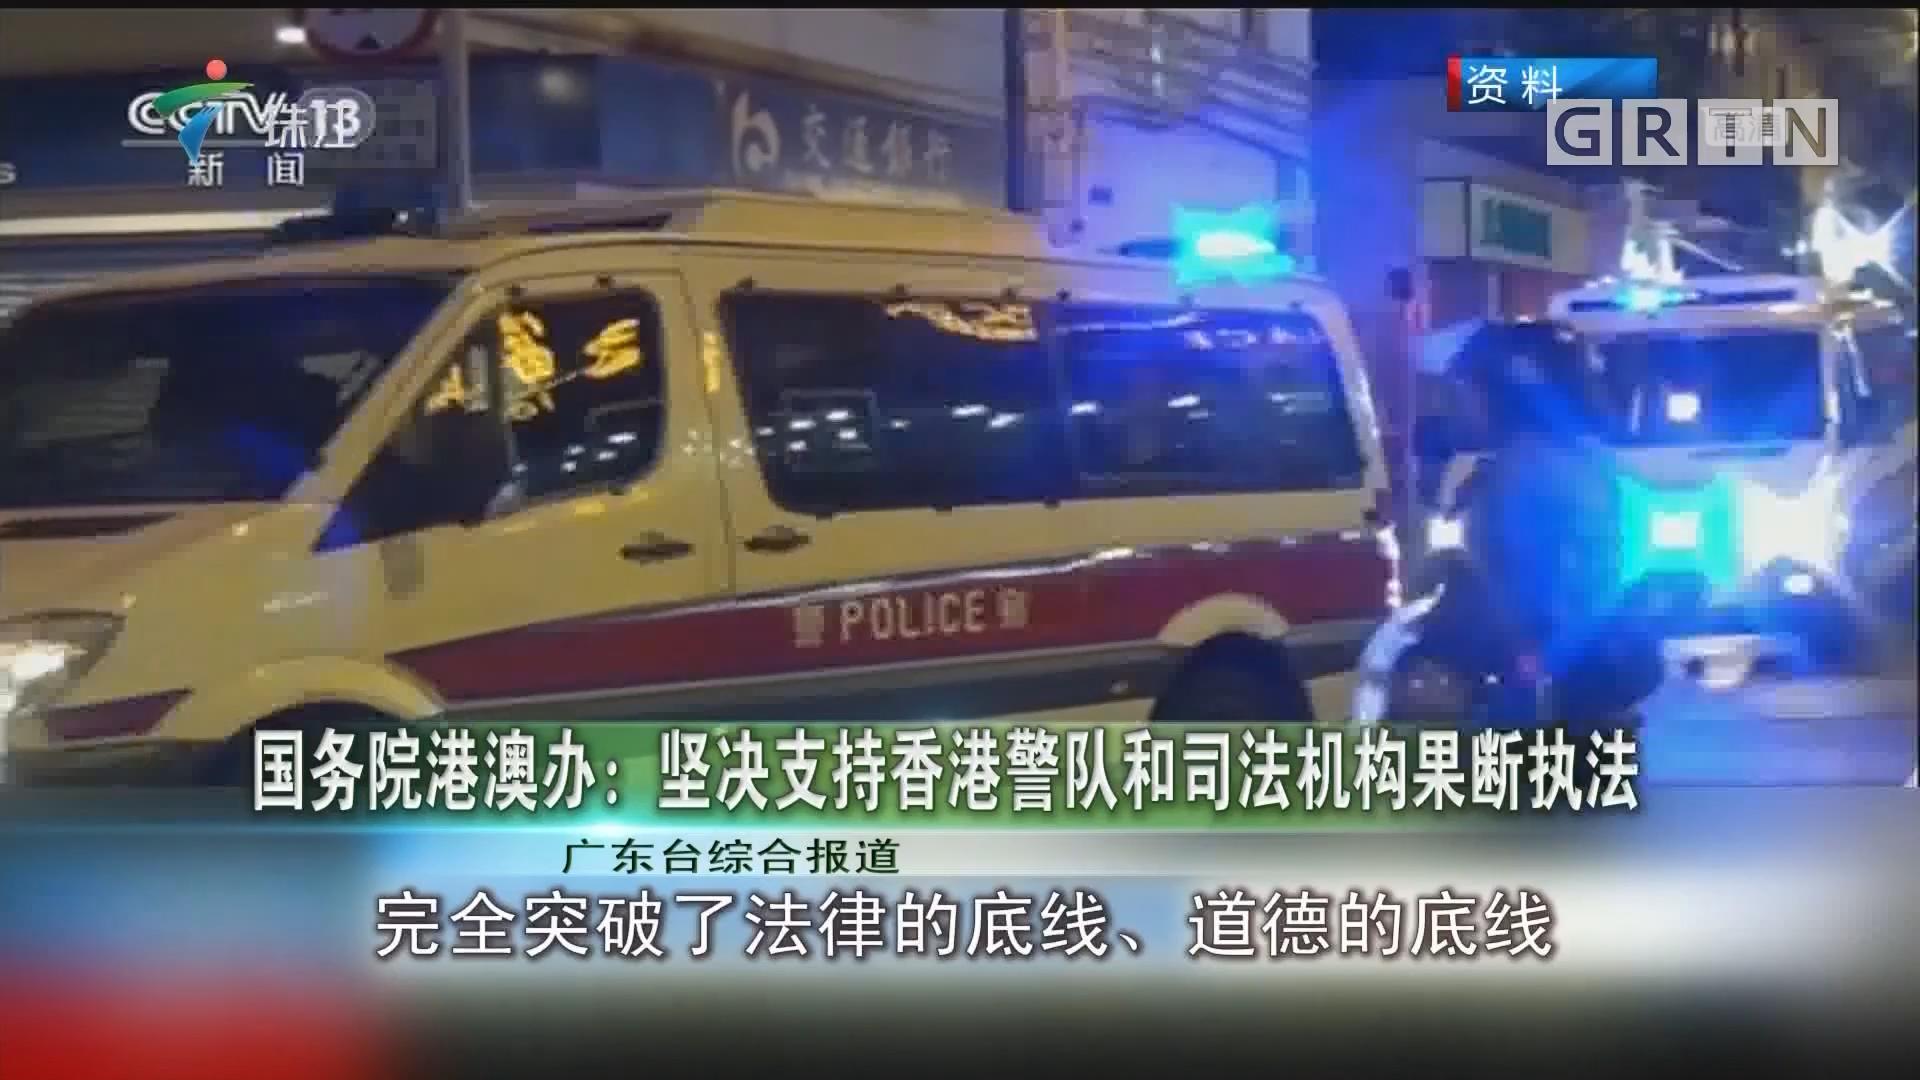 国务院港澳办:坚决支持香港警队和司法机构果断执法